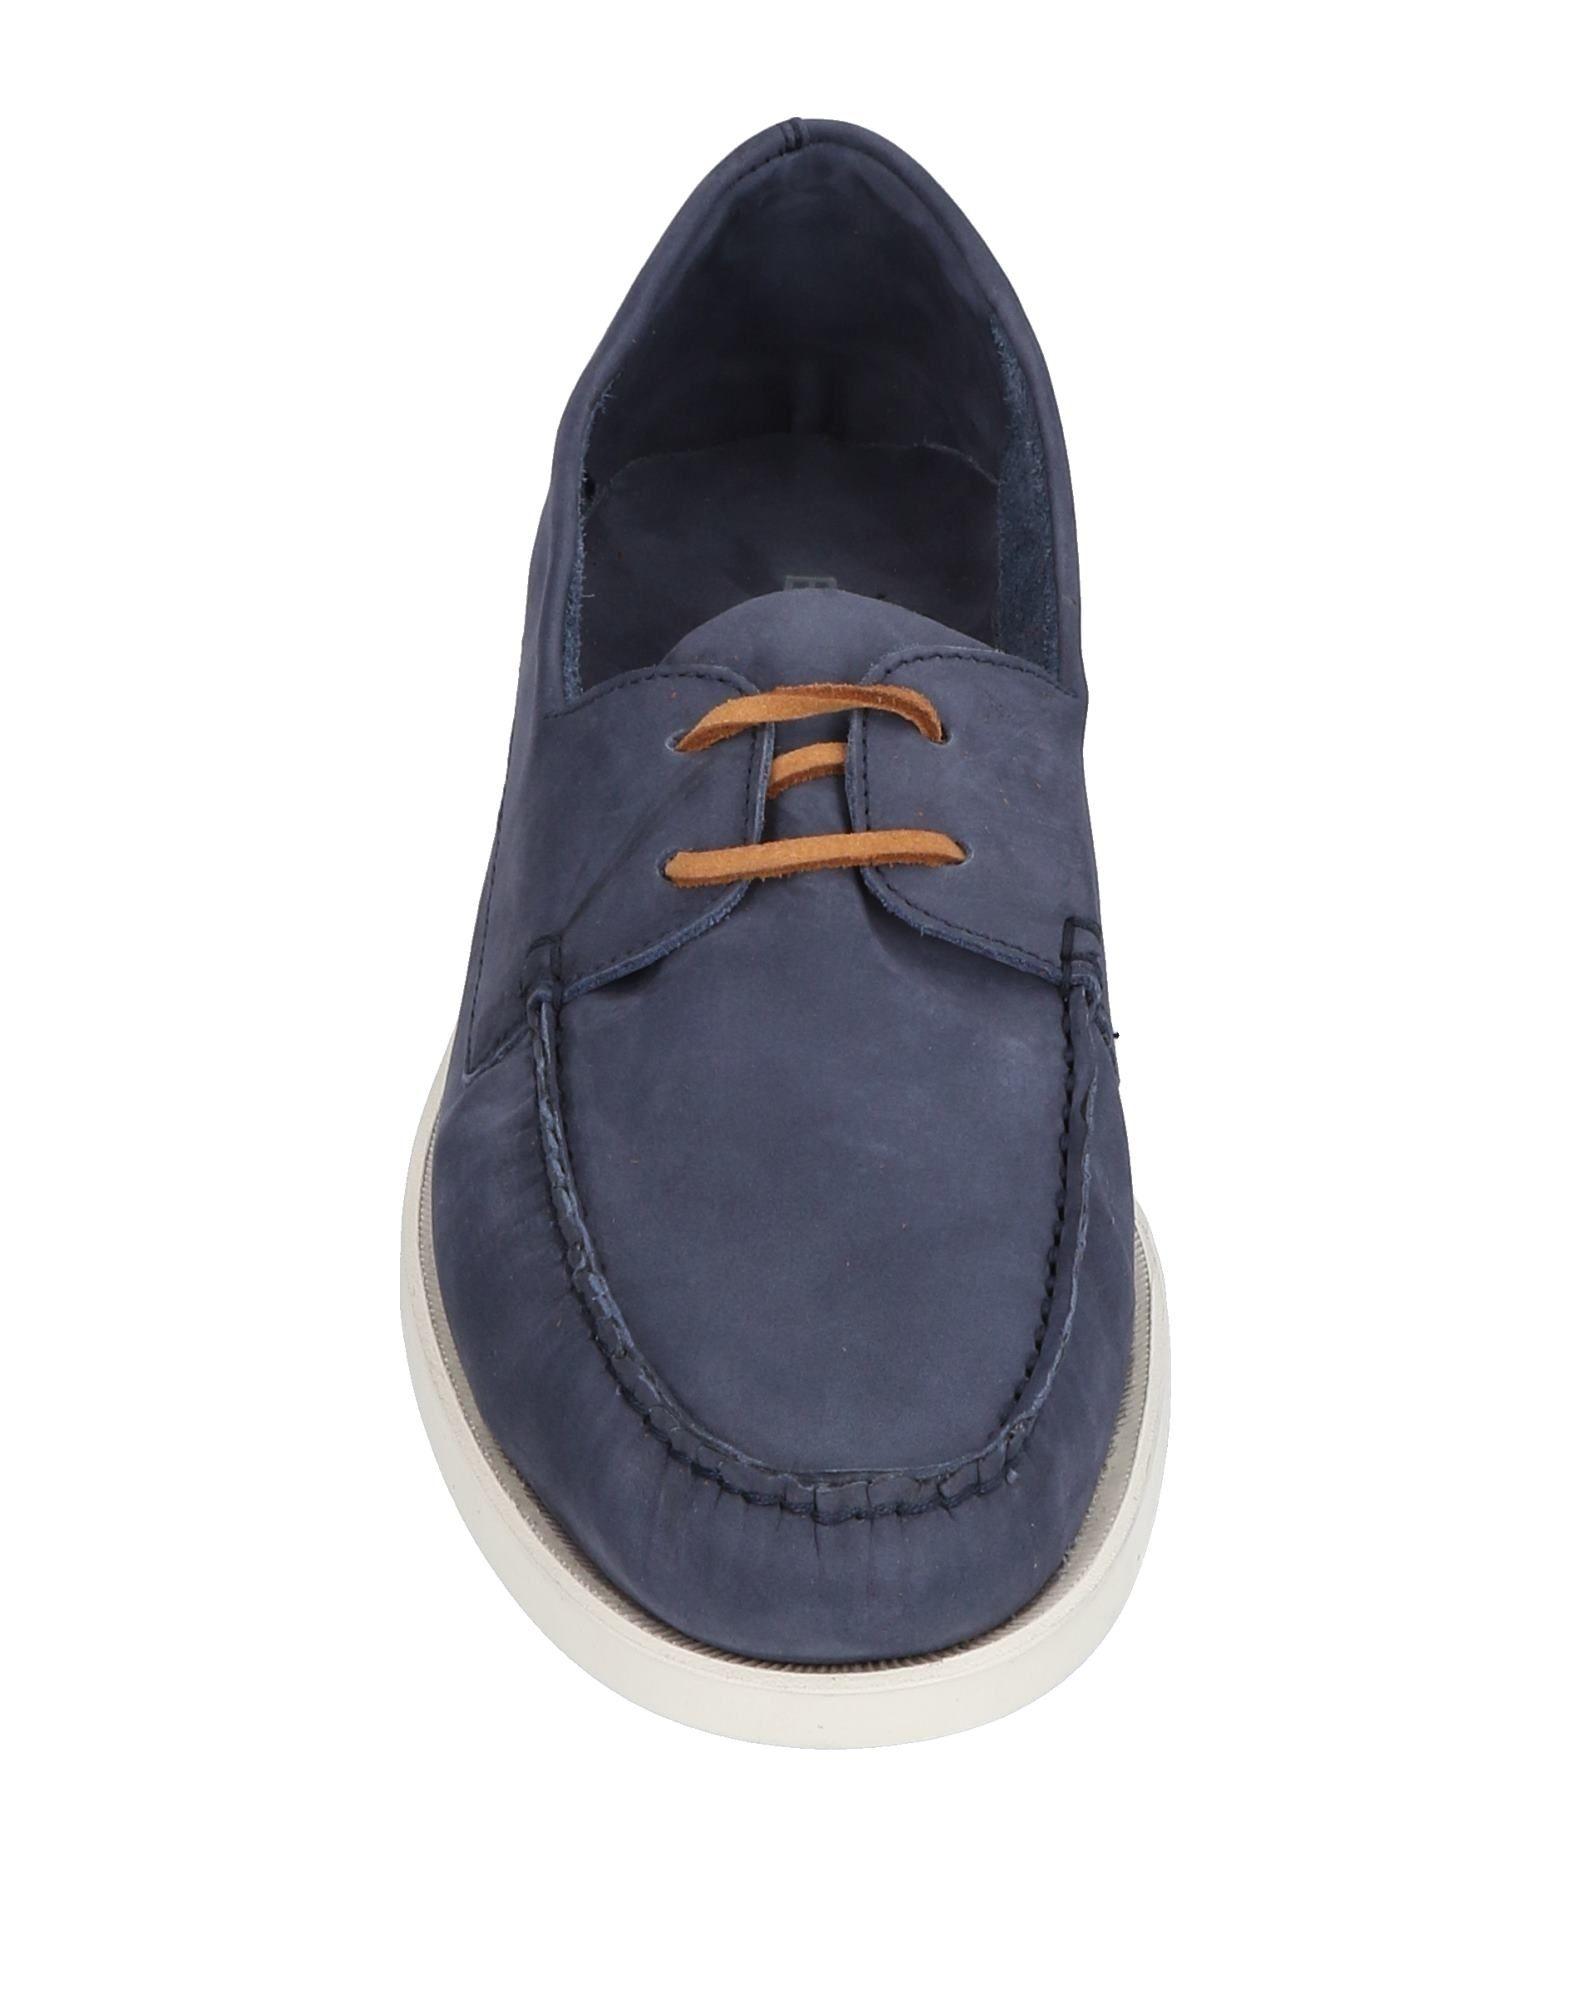 11438421XR Boemos Mokassins Herren  11438421XR  Heiße Schuhe bbf47f